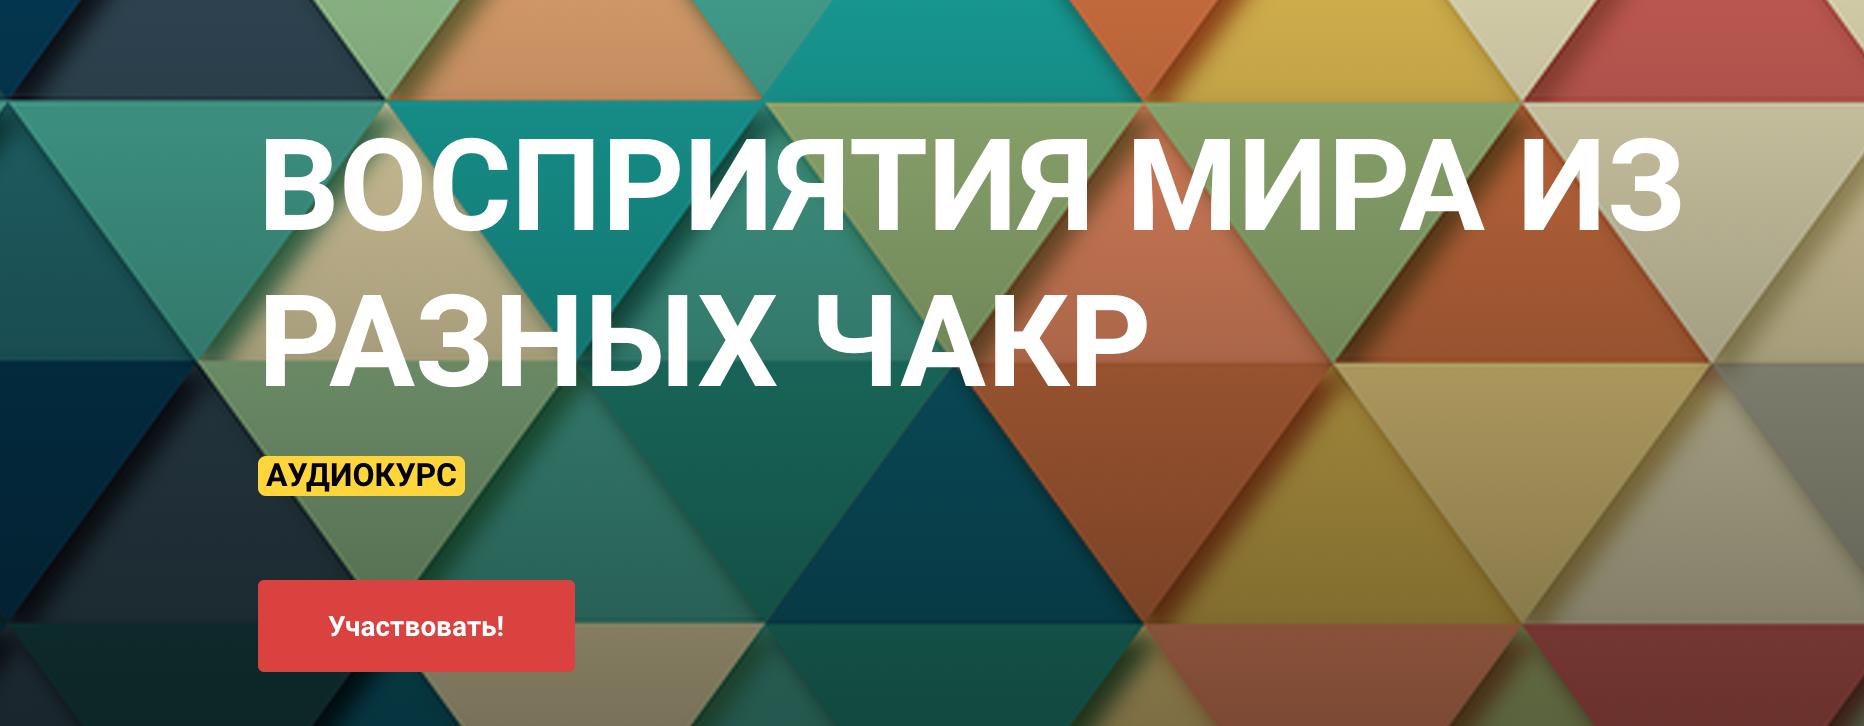 Snimok ekrana 2020 09 30 v 19.31.05 getcourse.ru